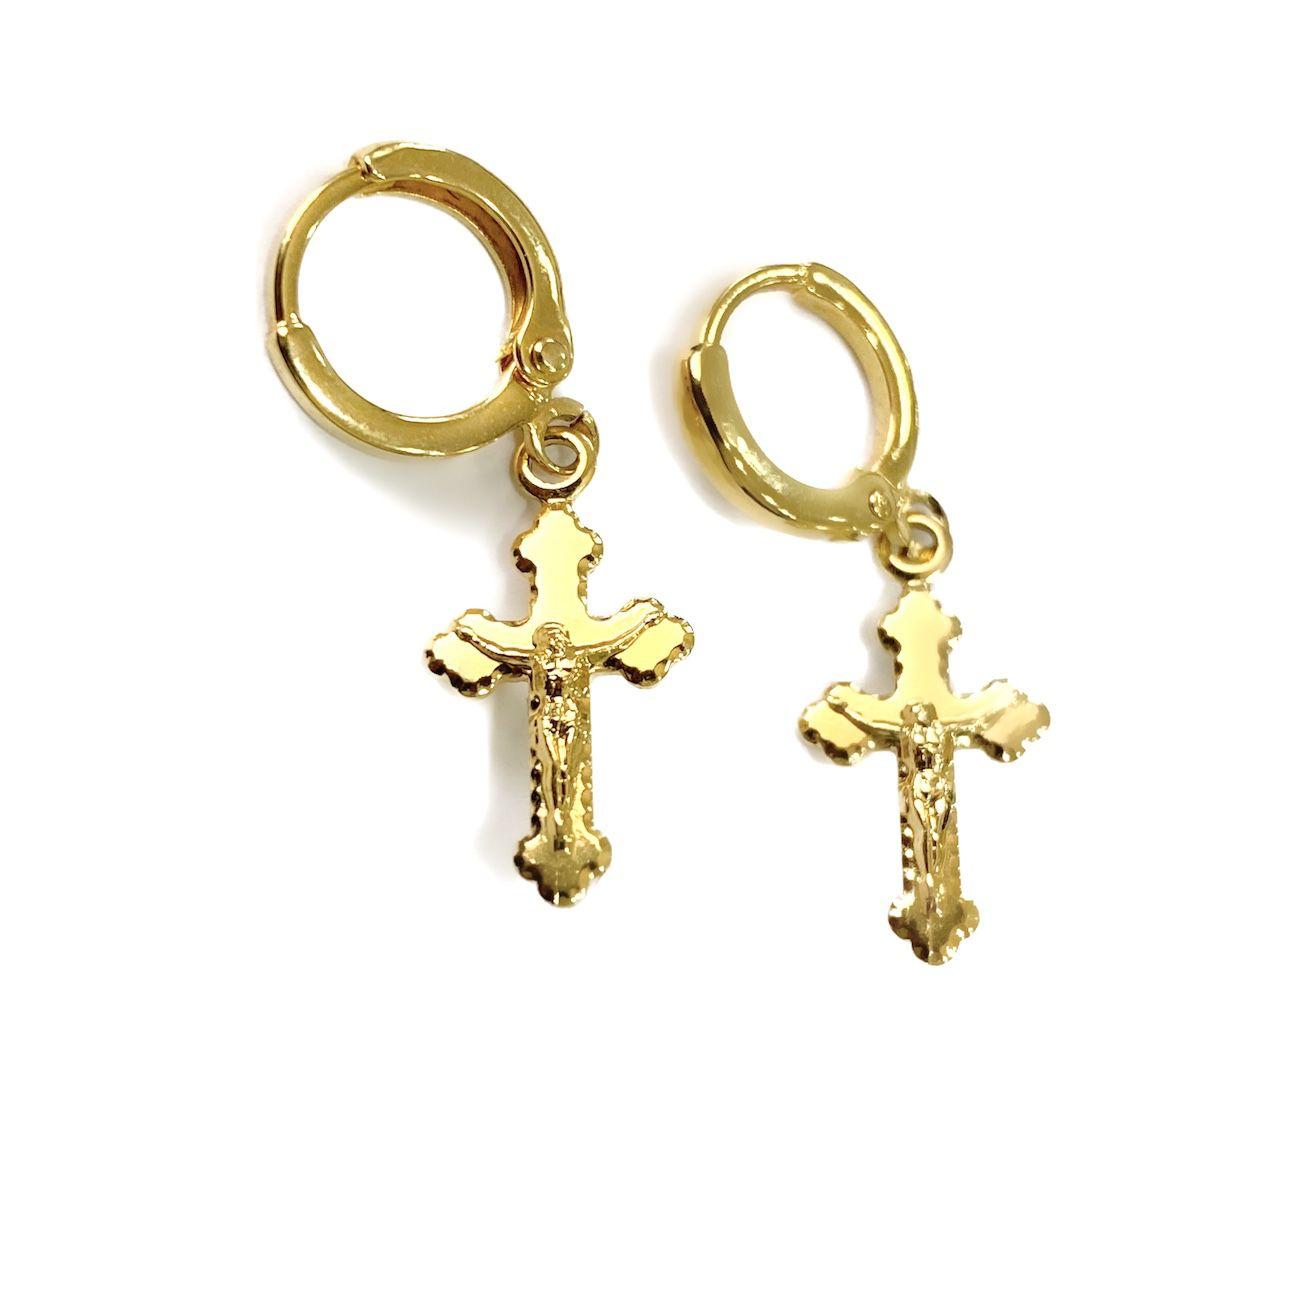 Brinco De Cruz com Cristo em Relevo (Banho Ouro 24k)